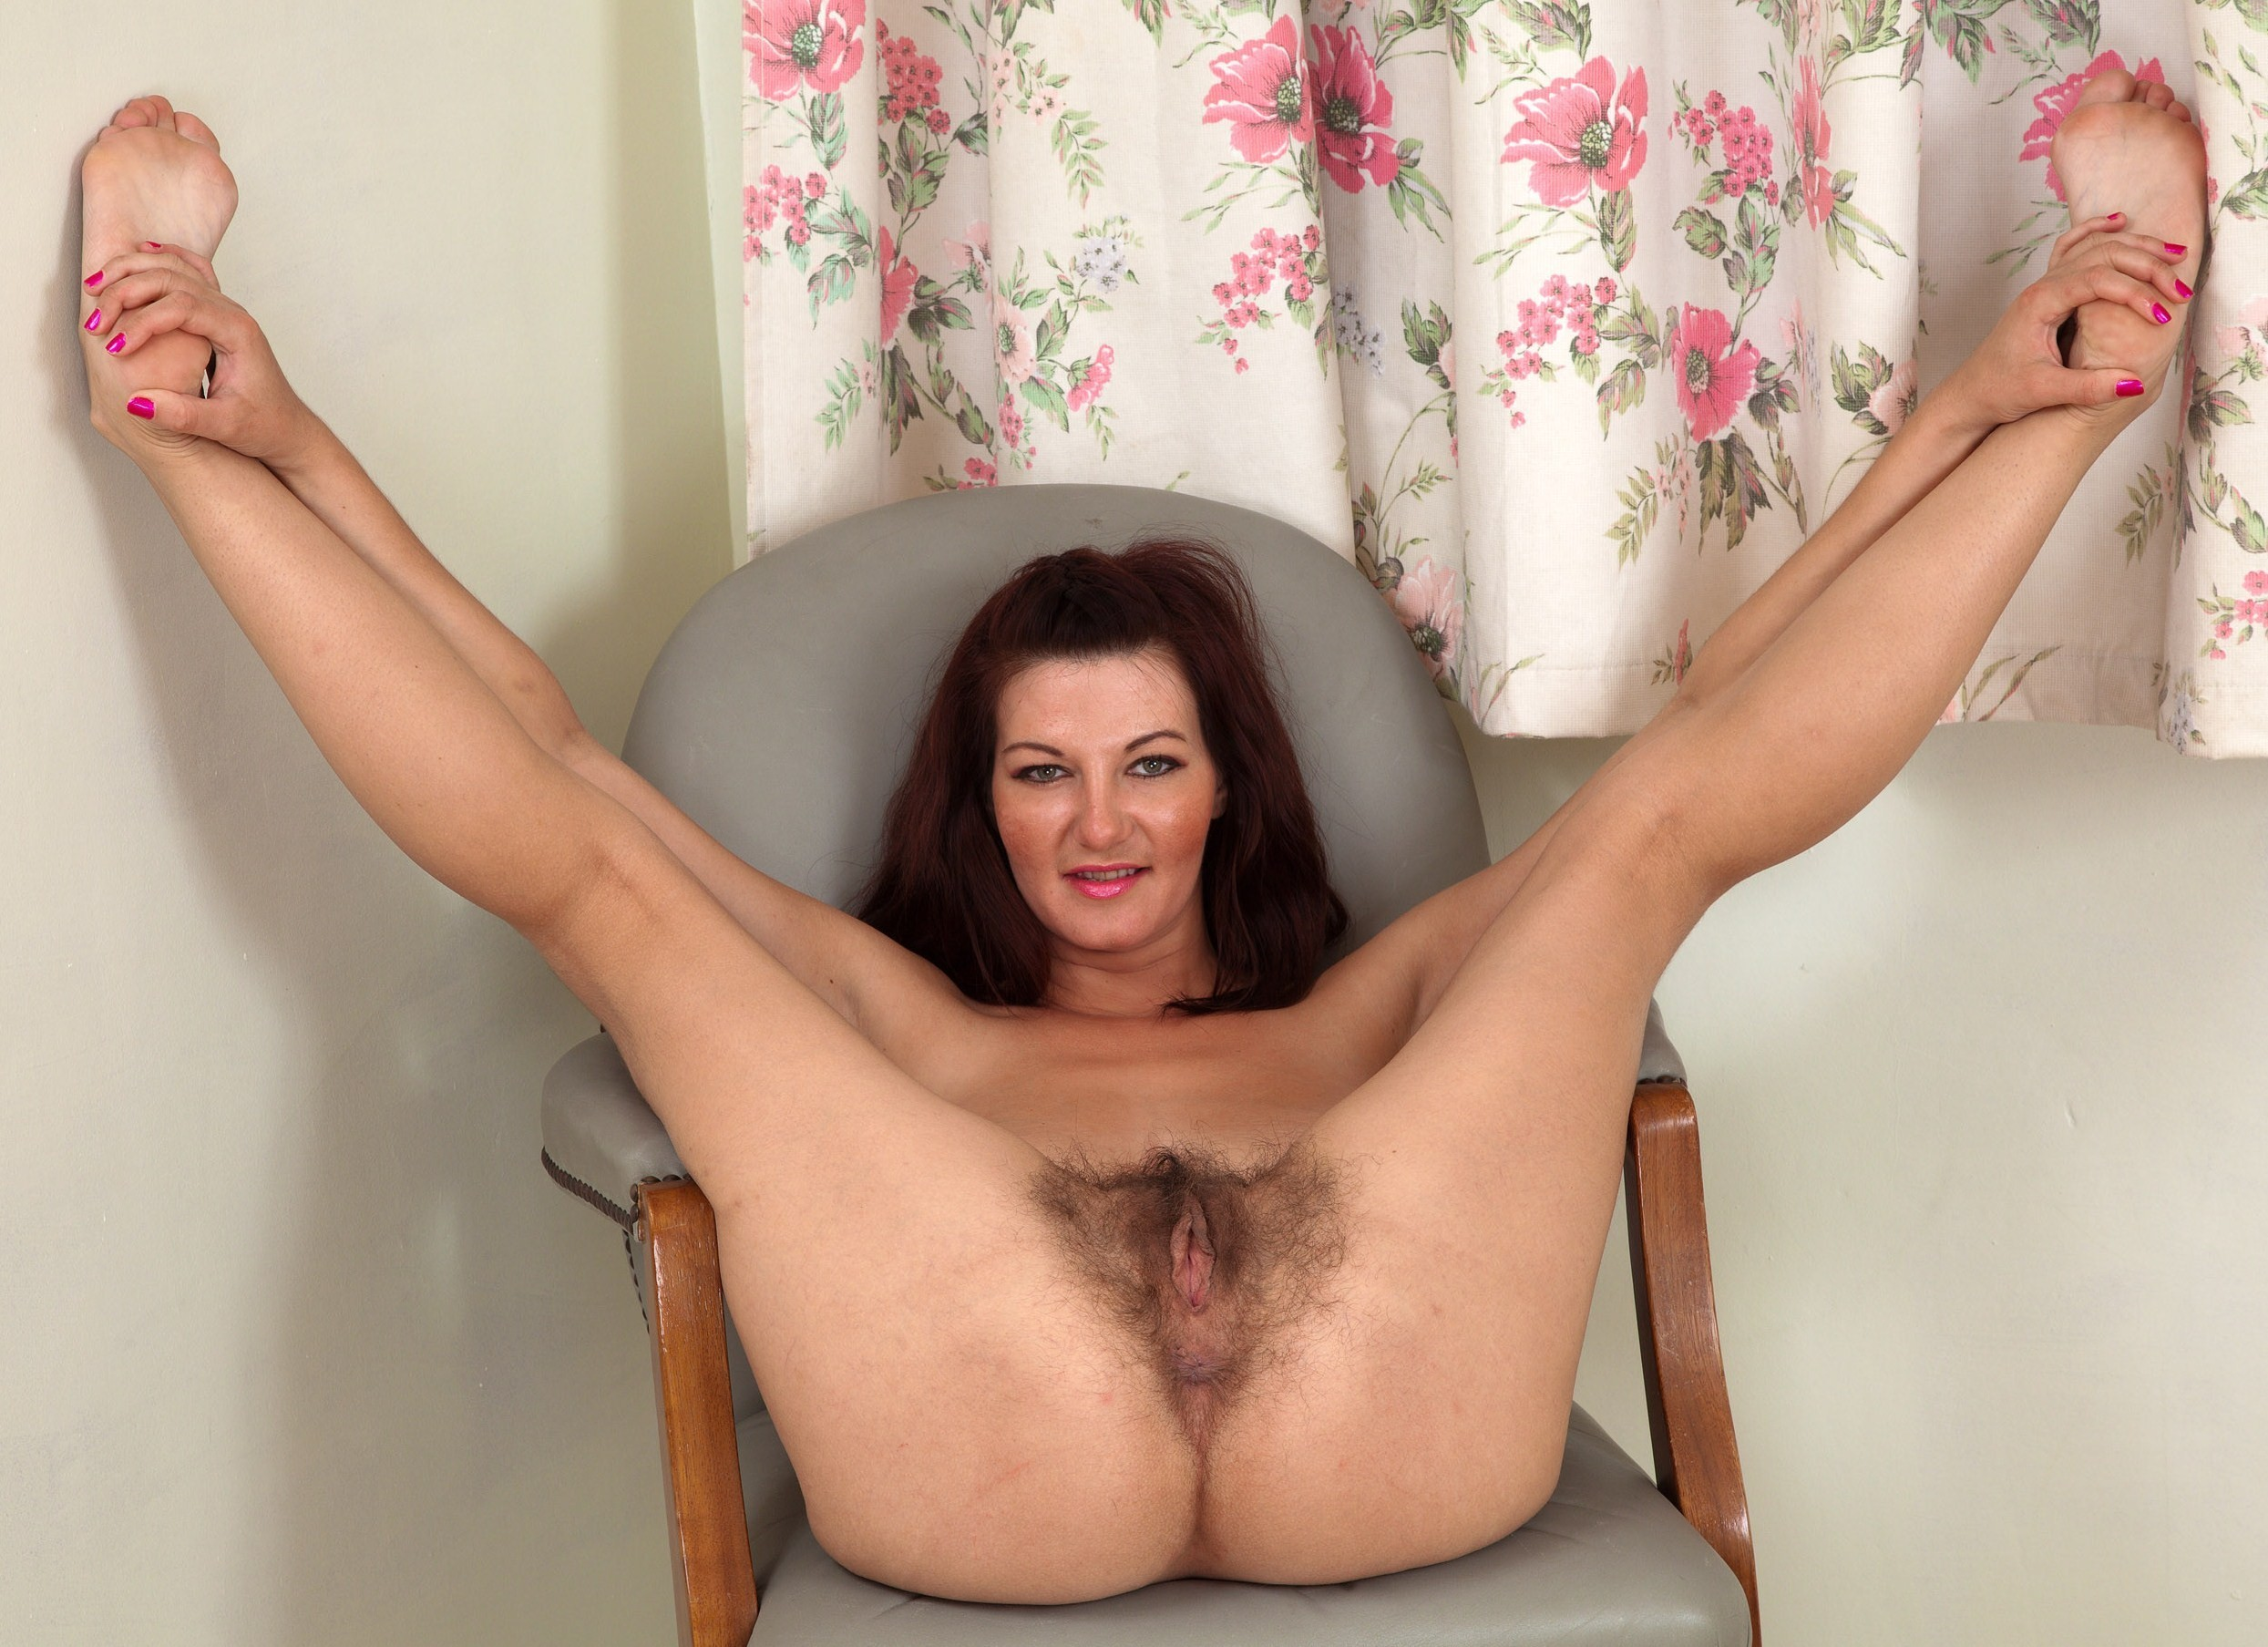 с.раздвинутыми.ногами.фото.галерея влагалище.голых.женщин